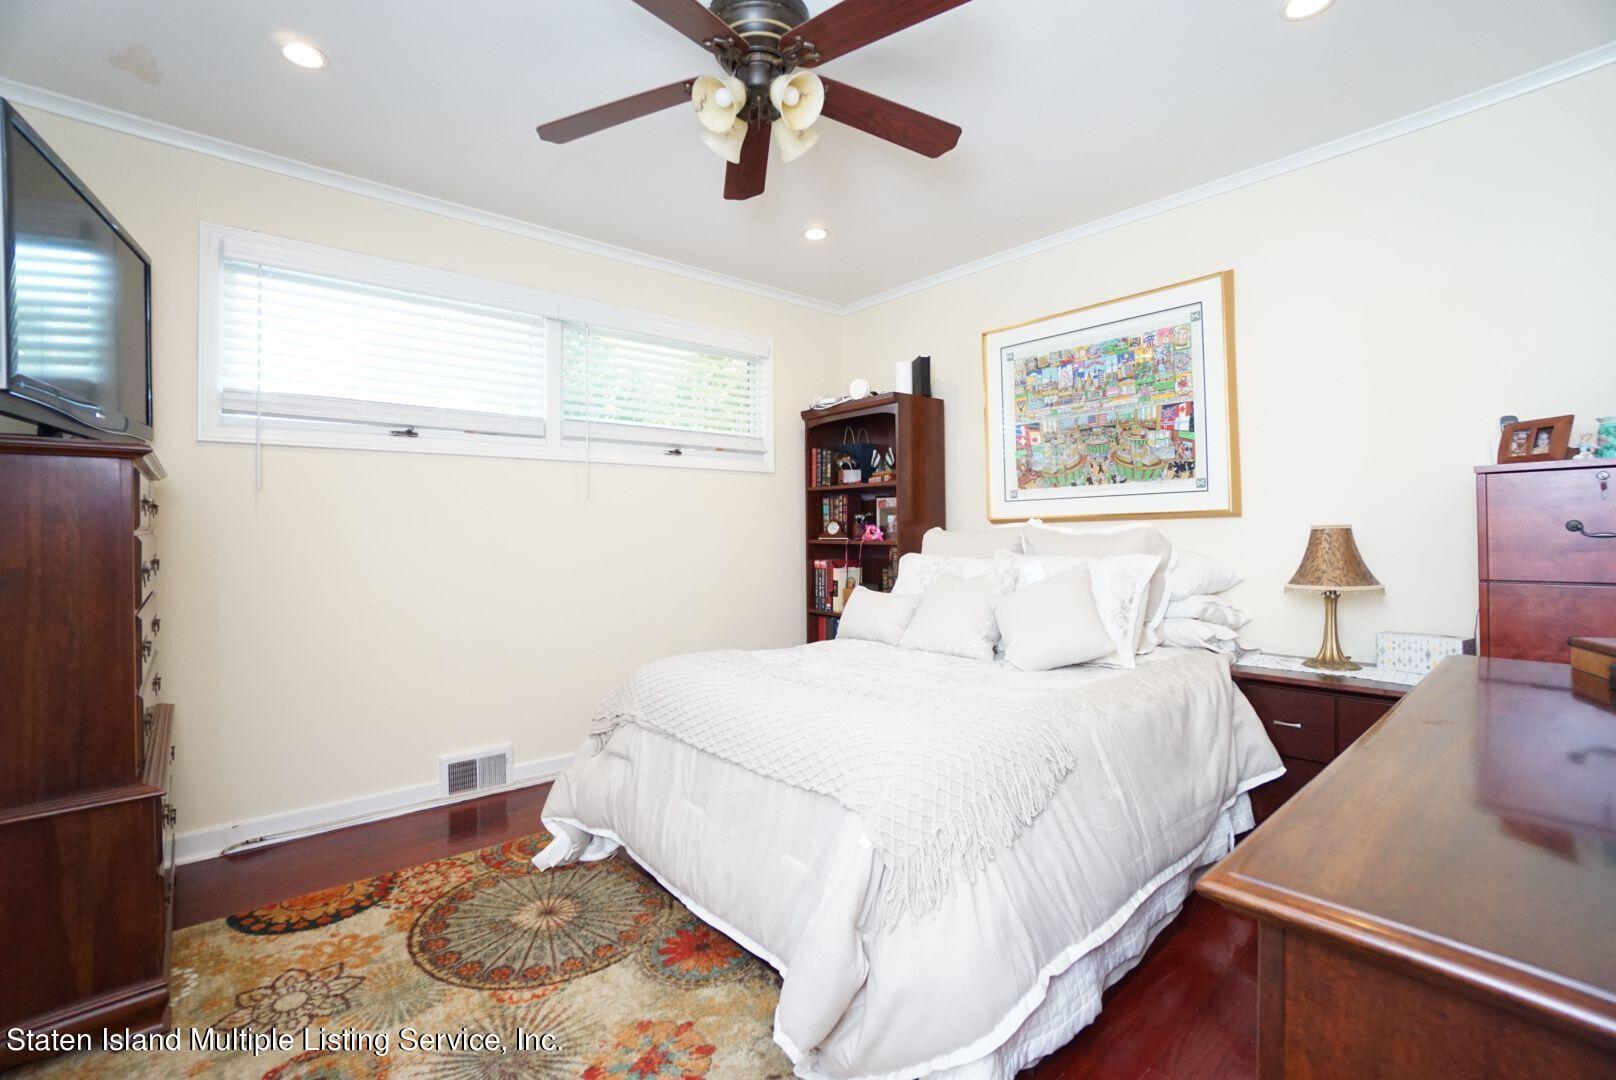 Single Family - Detached 29 City Boulevard  Staten Island, NY 10301, MLS-1147694-26